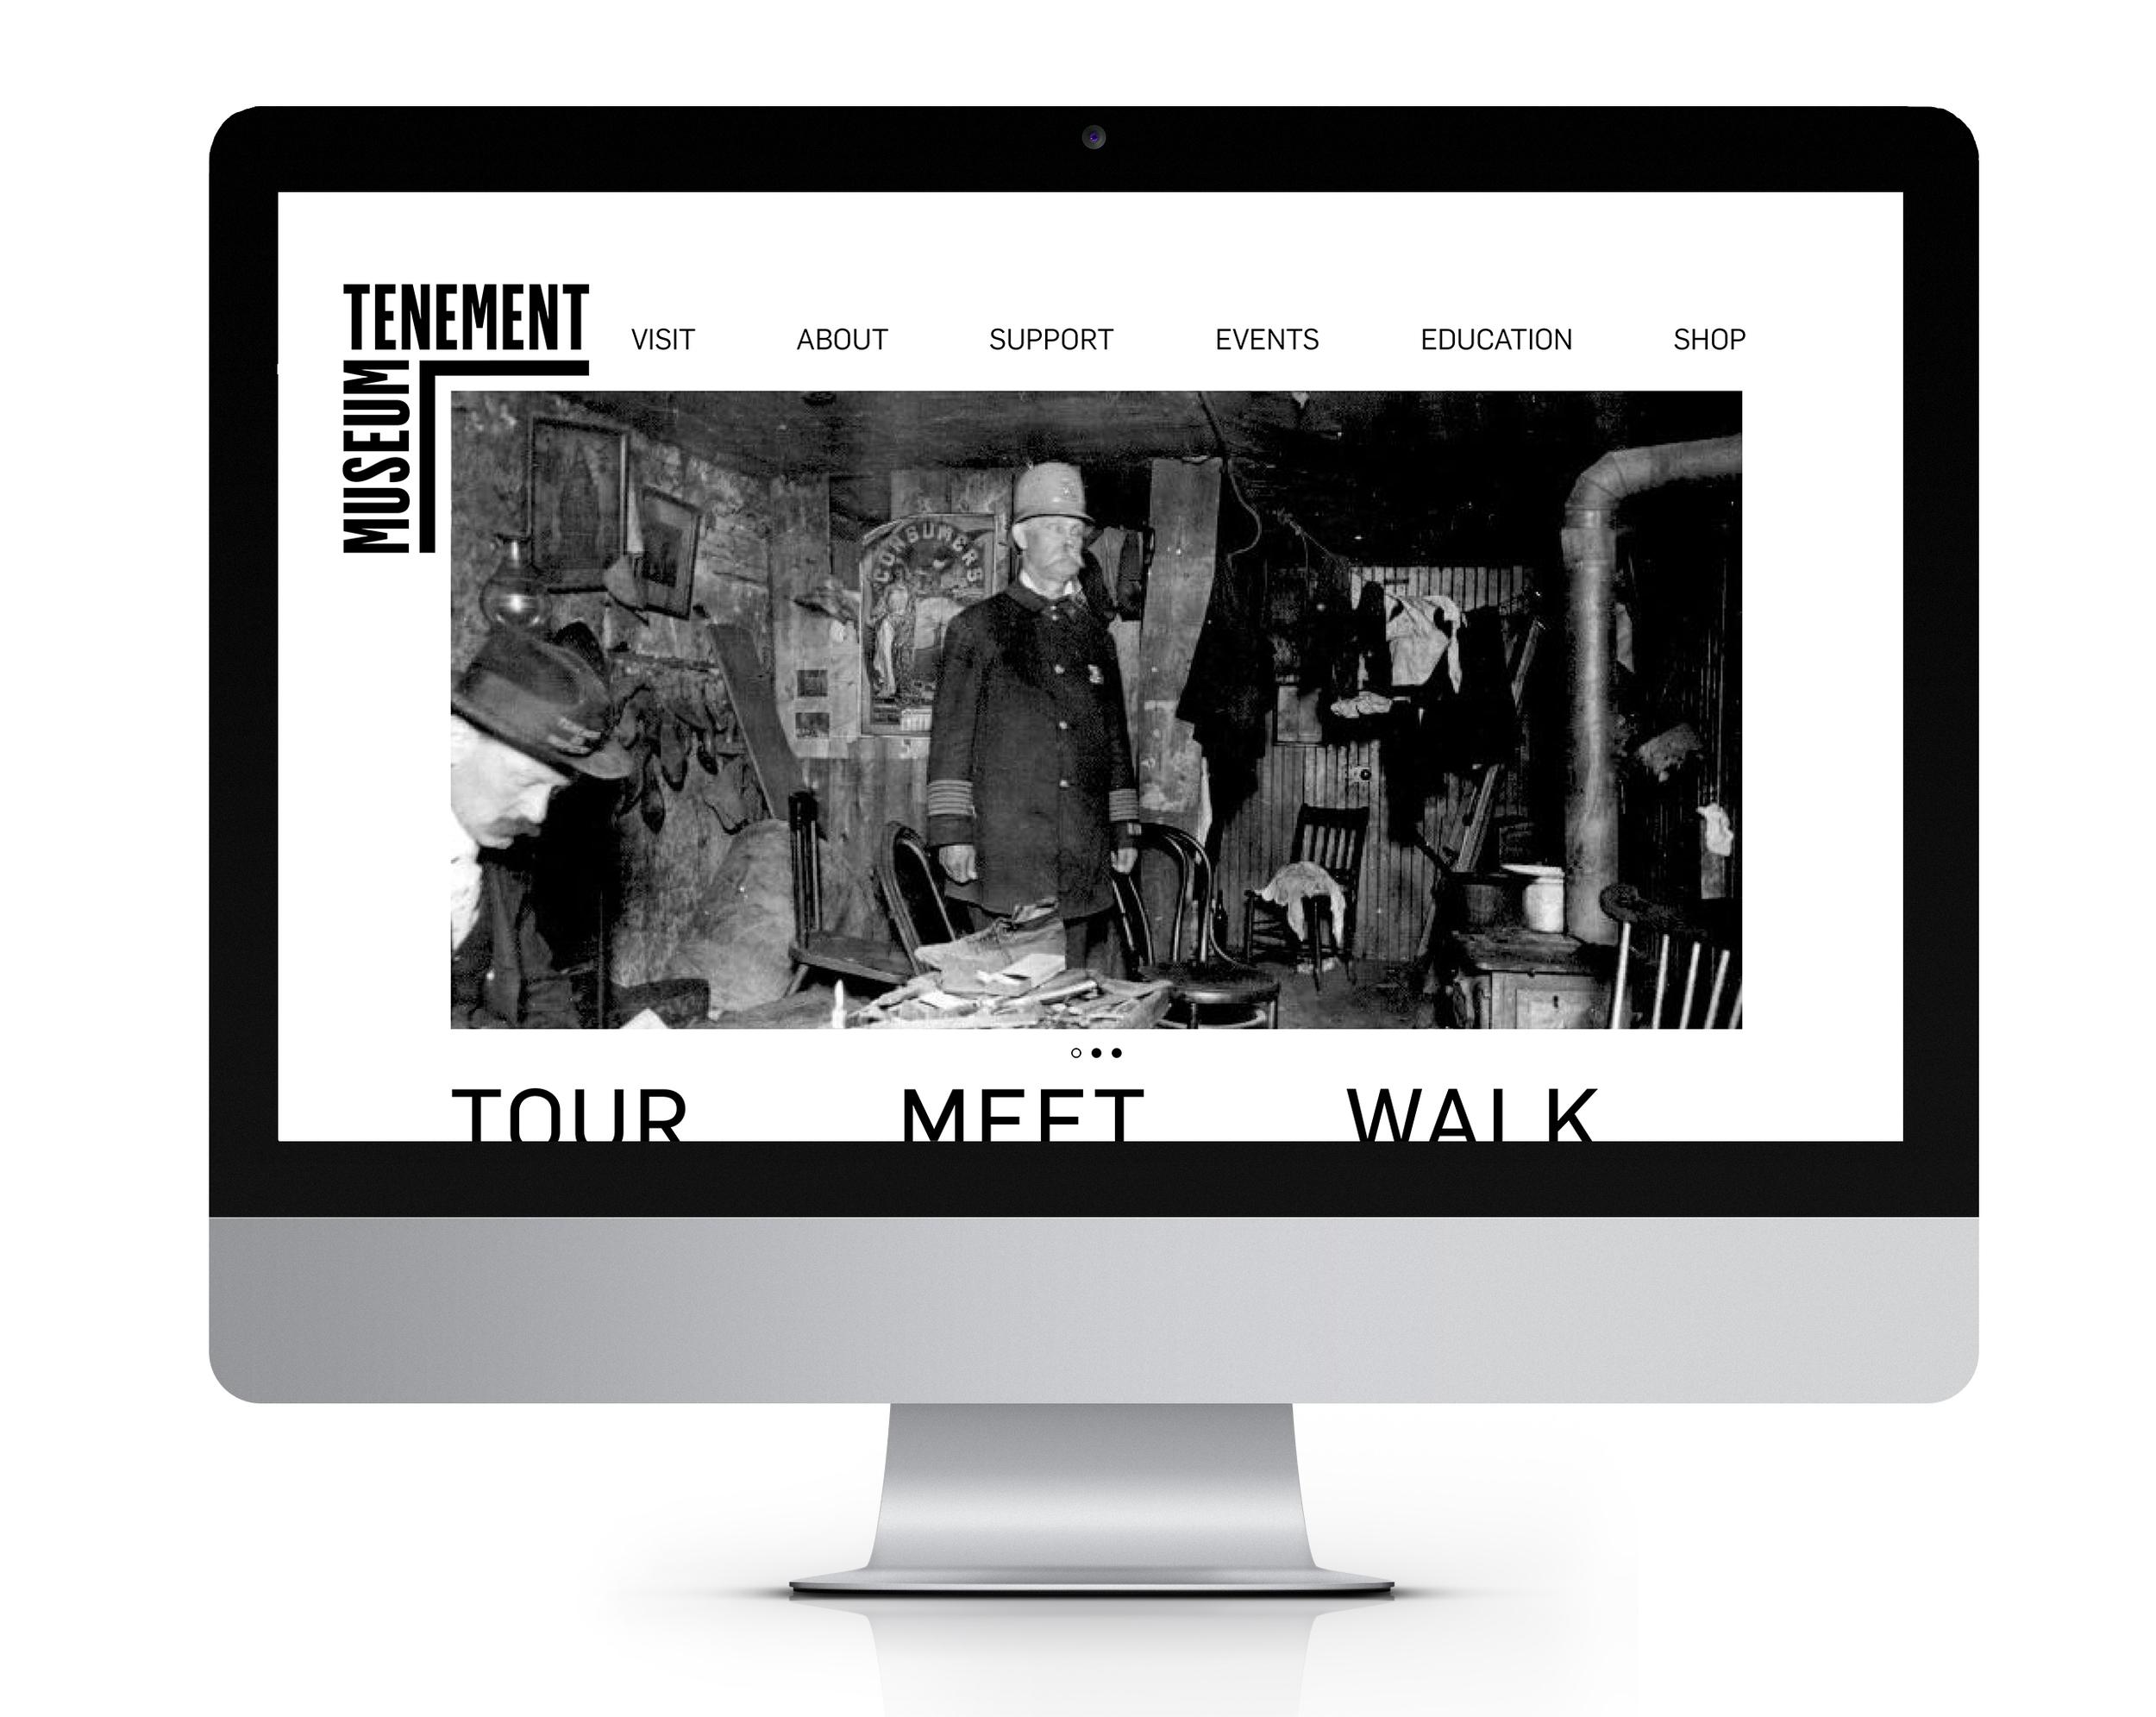 tenement_homepage_slide1_above_fold.jpg